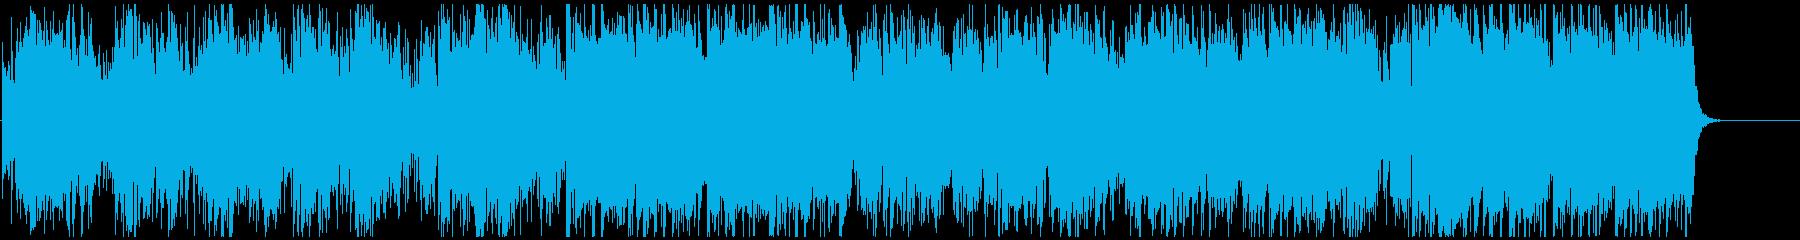 生演奏ソプラノSaxの穏やかフュージョンの再生済みの波形